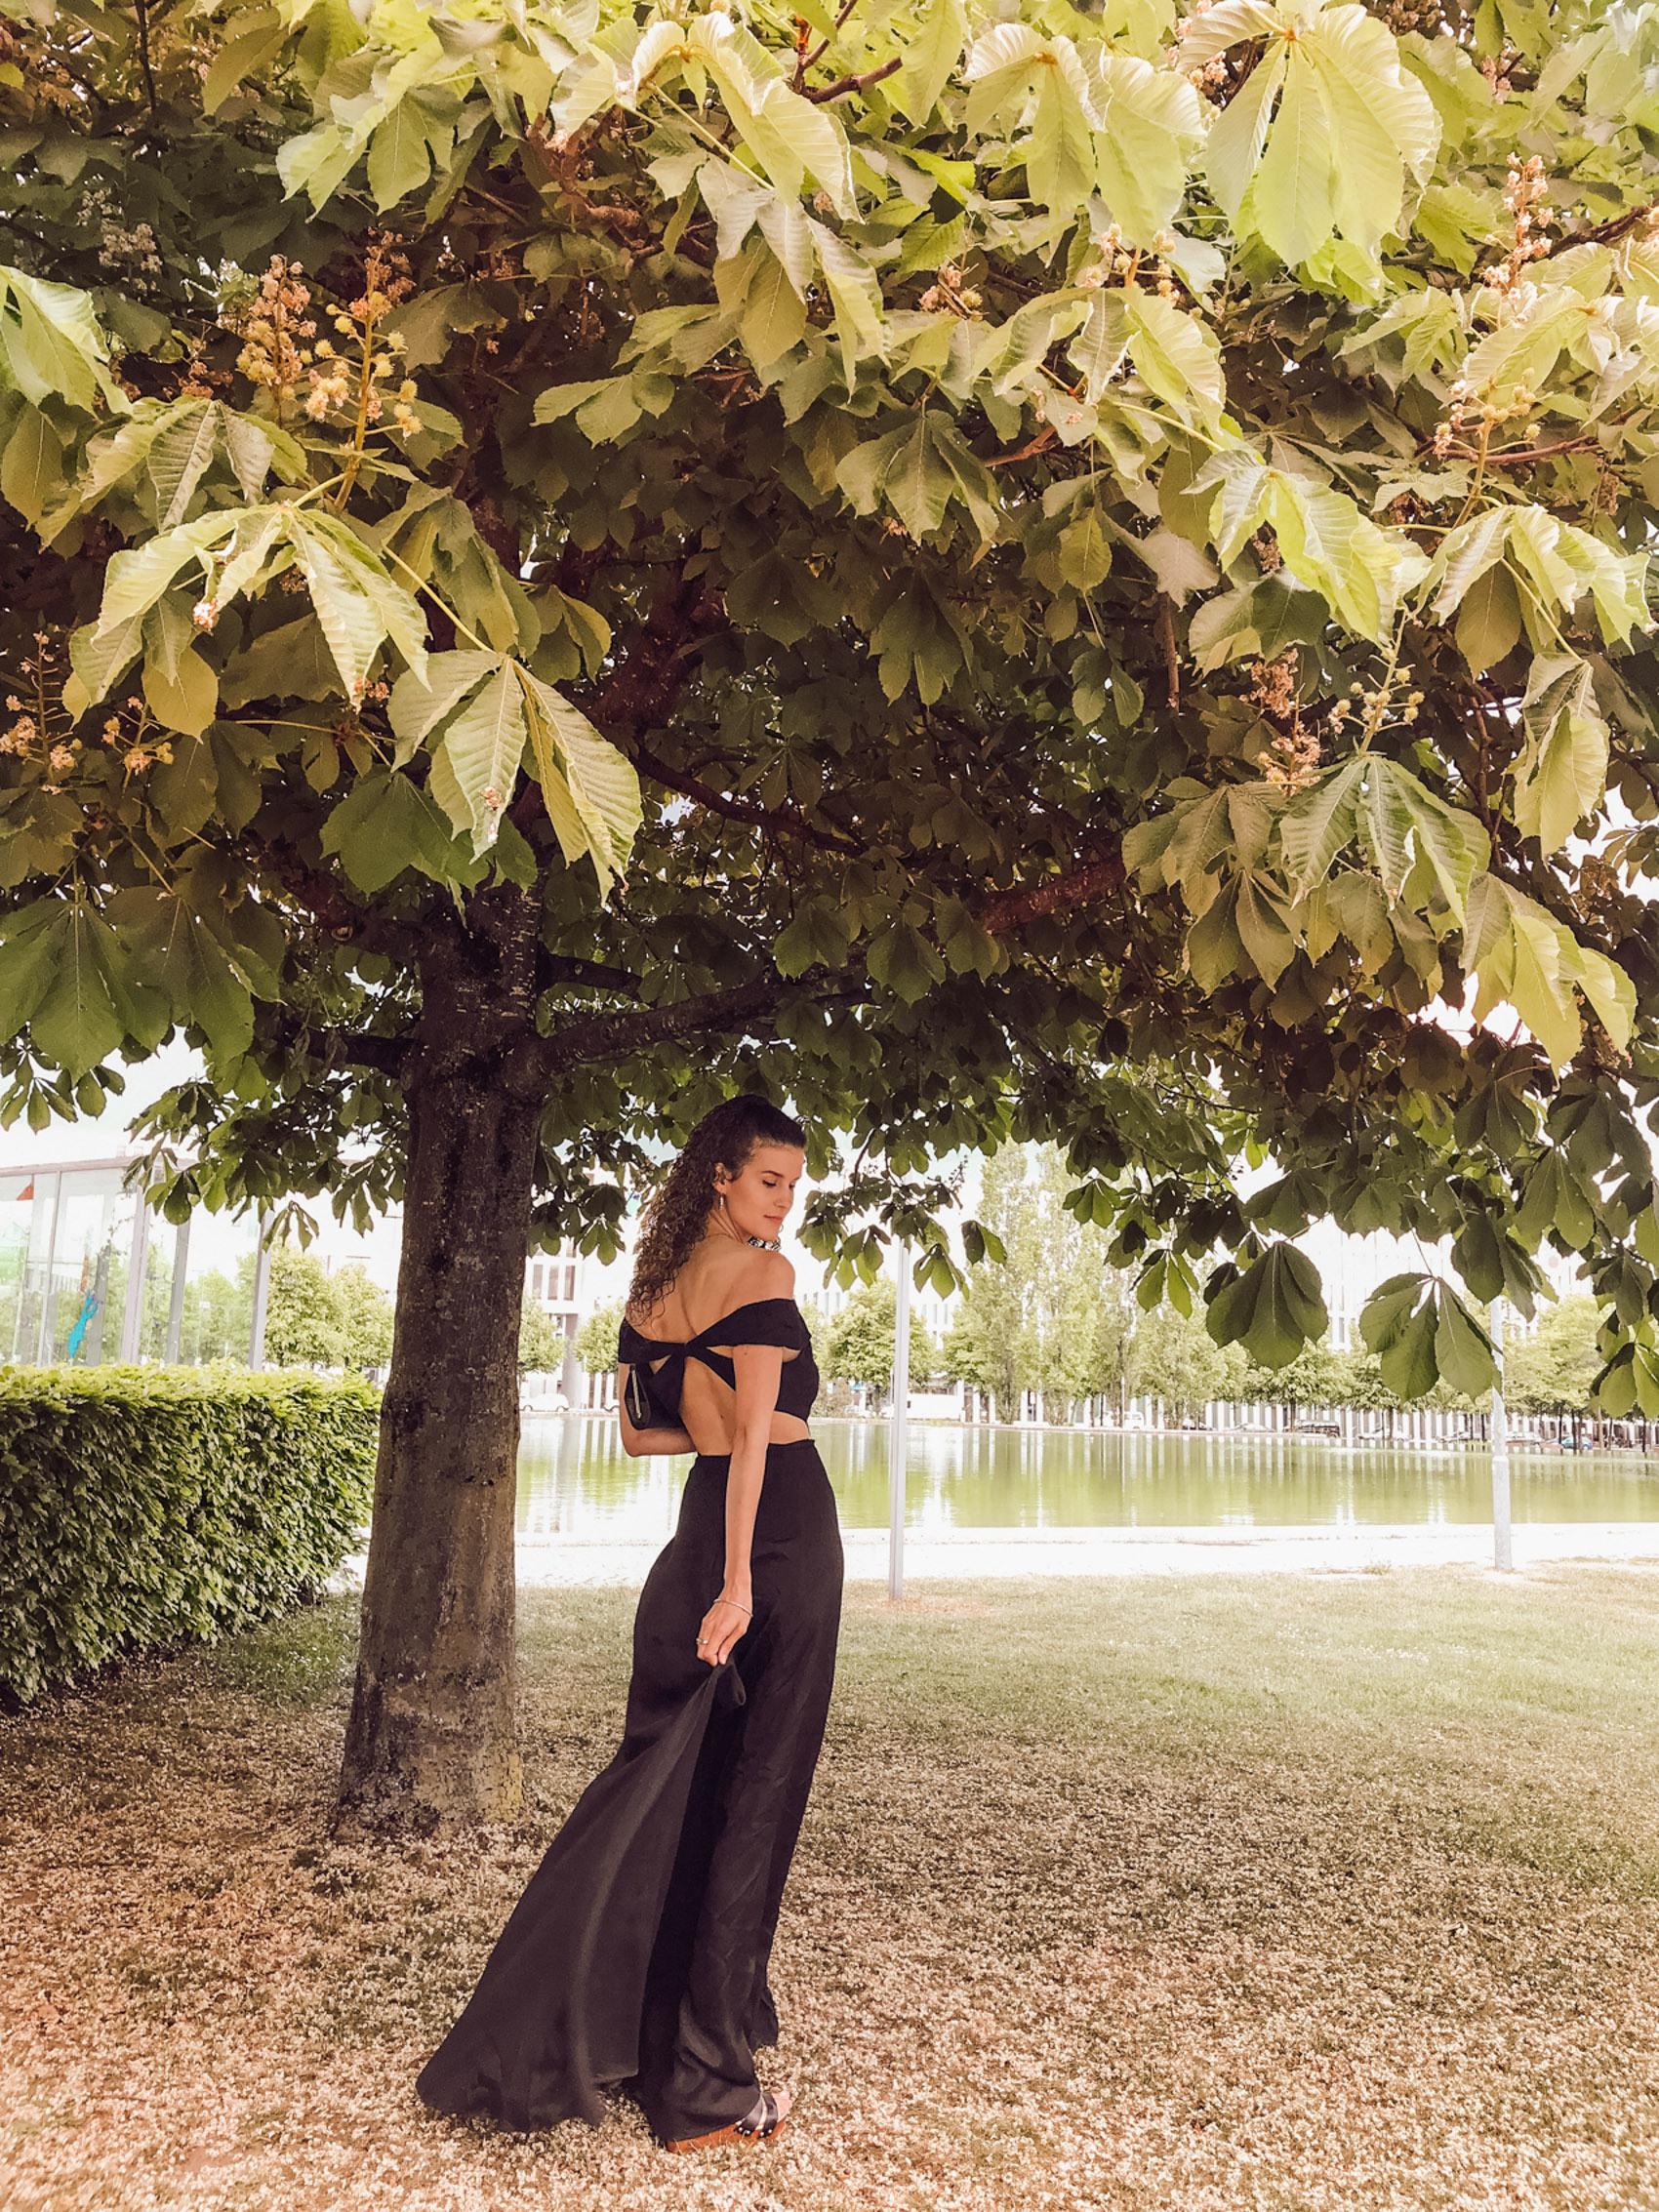 Wunderbar Nachhaltige Mode Abendkleid BoutiqueDesigner Luxurius Nachhaltige Mode Abendkleid Ärmel